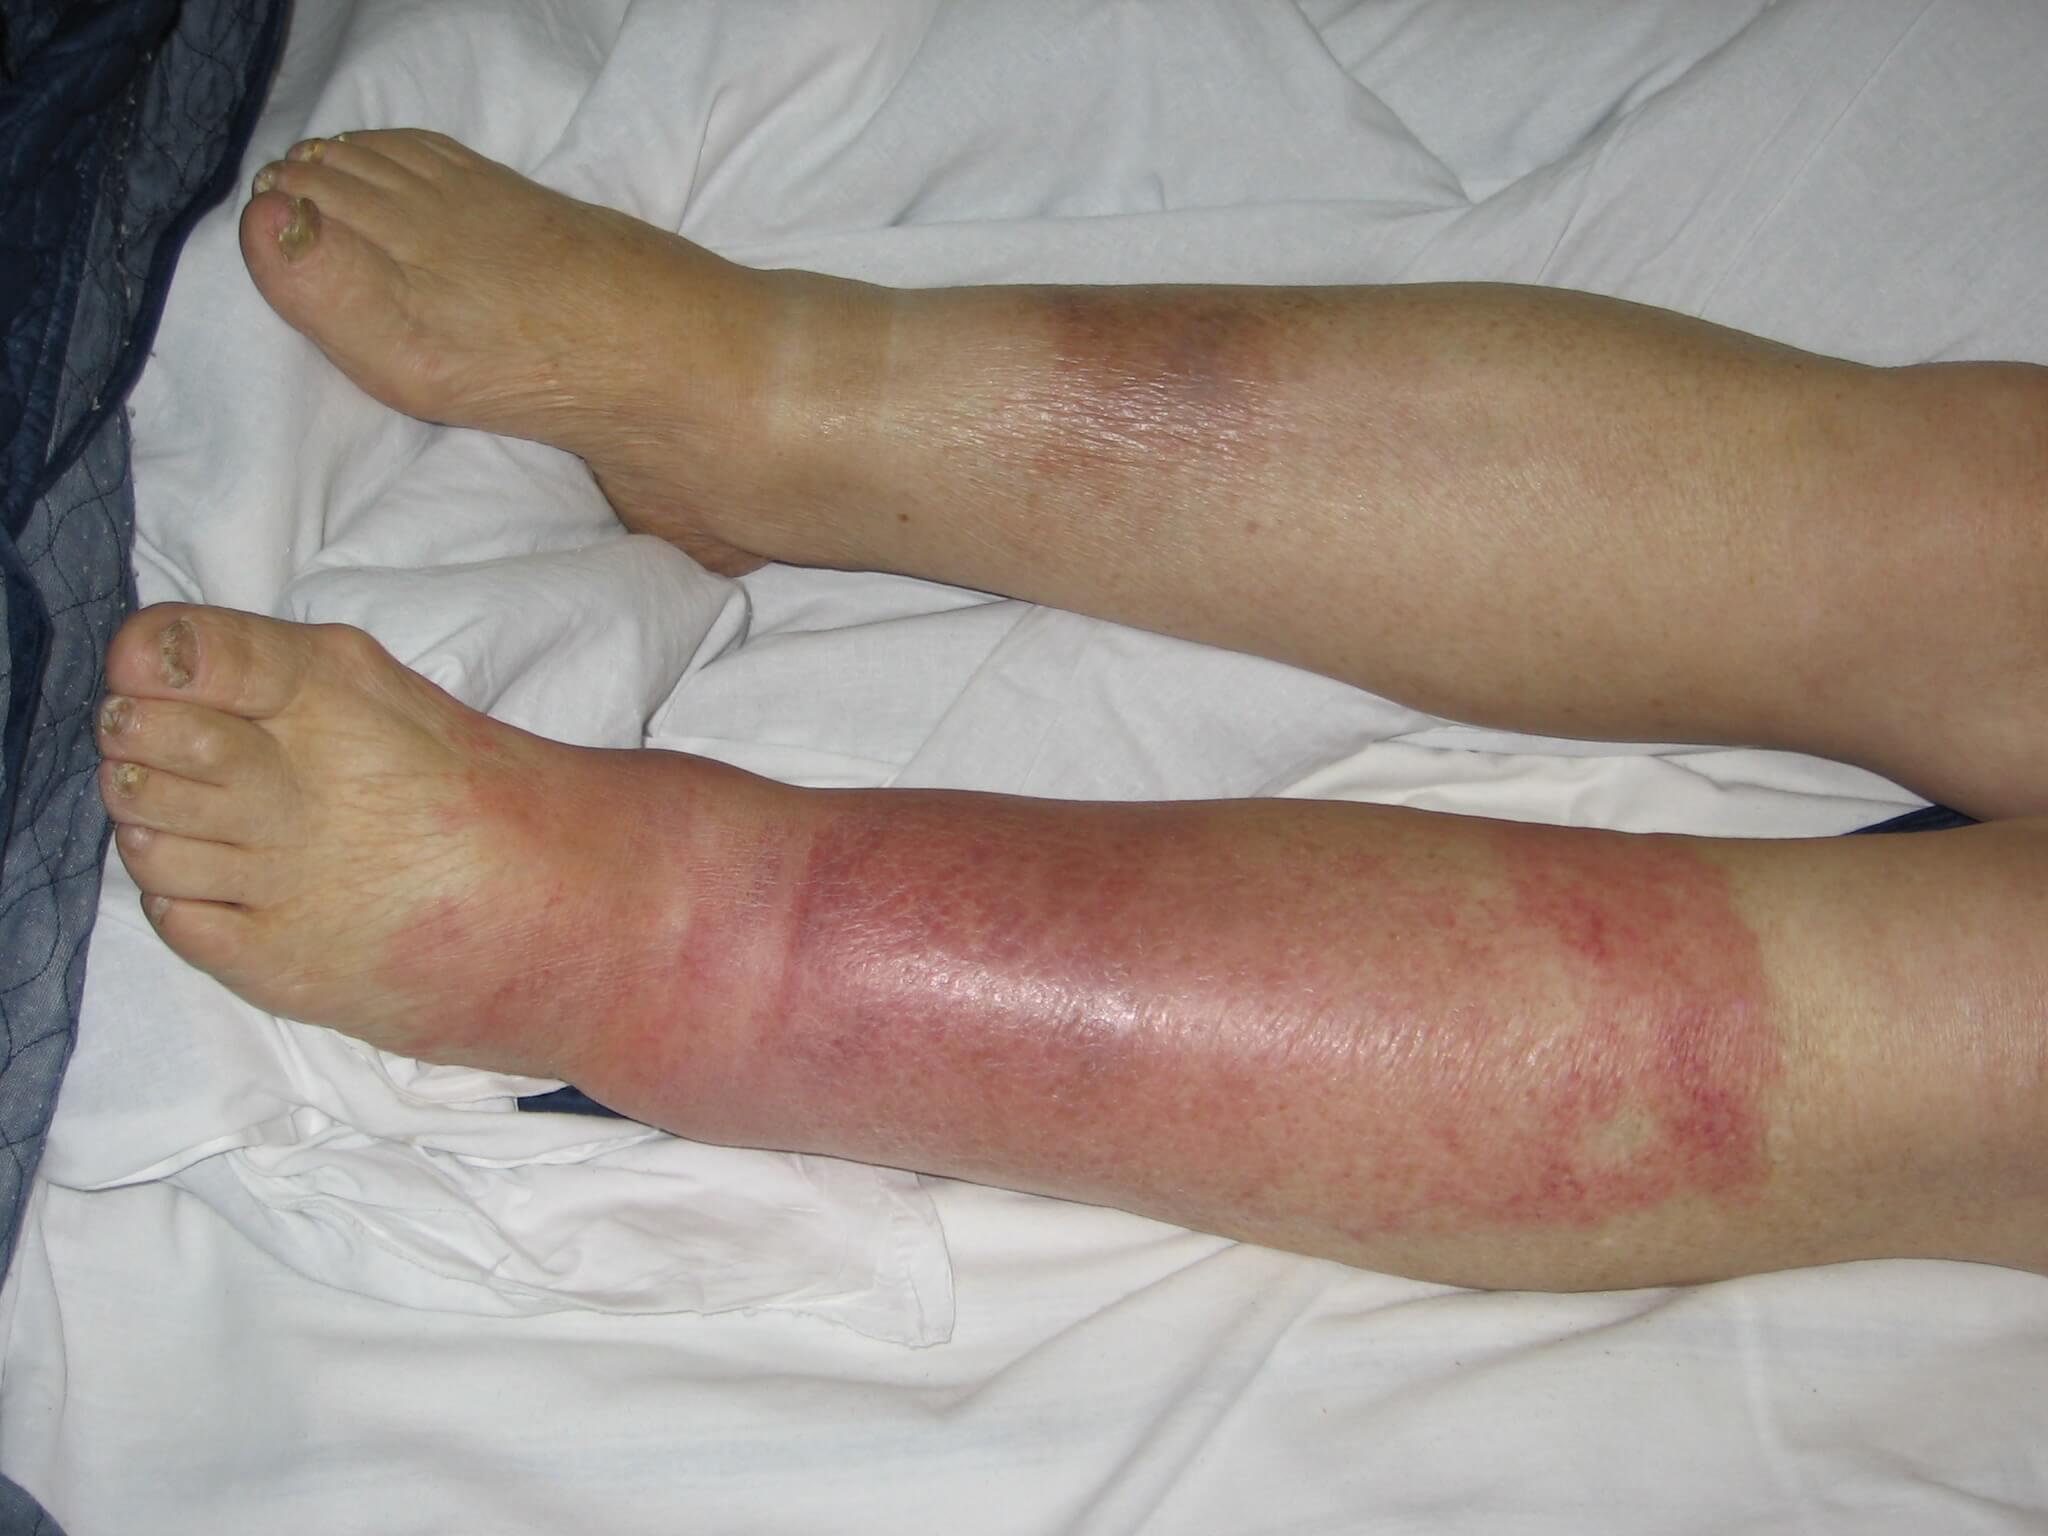 Рожистое воспаление: симптомы, профилактика, лечение